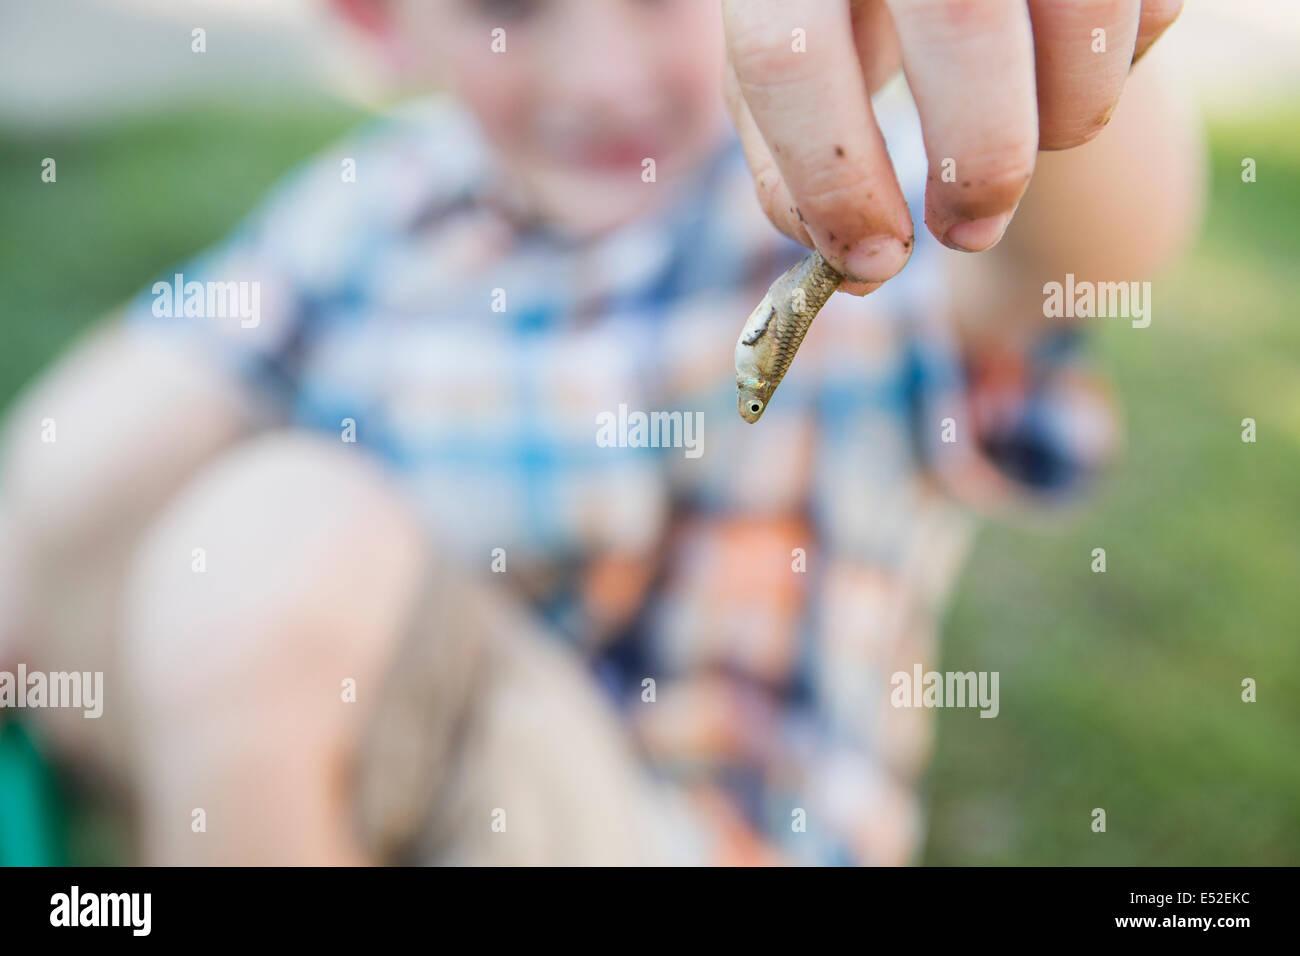 Un giovane ragazzo in possesso di un piccolo pesce in le sue dita. Immagini Stock